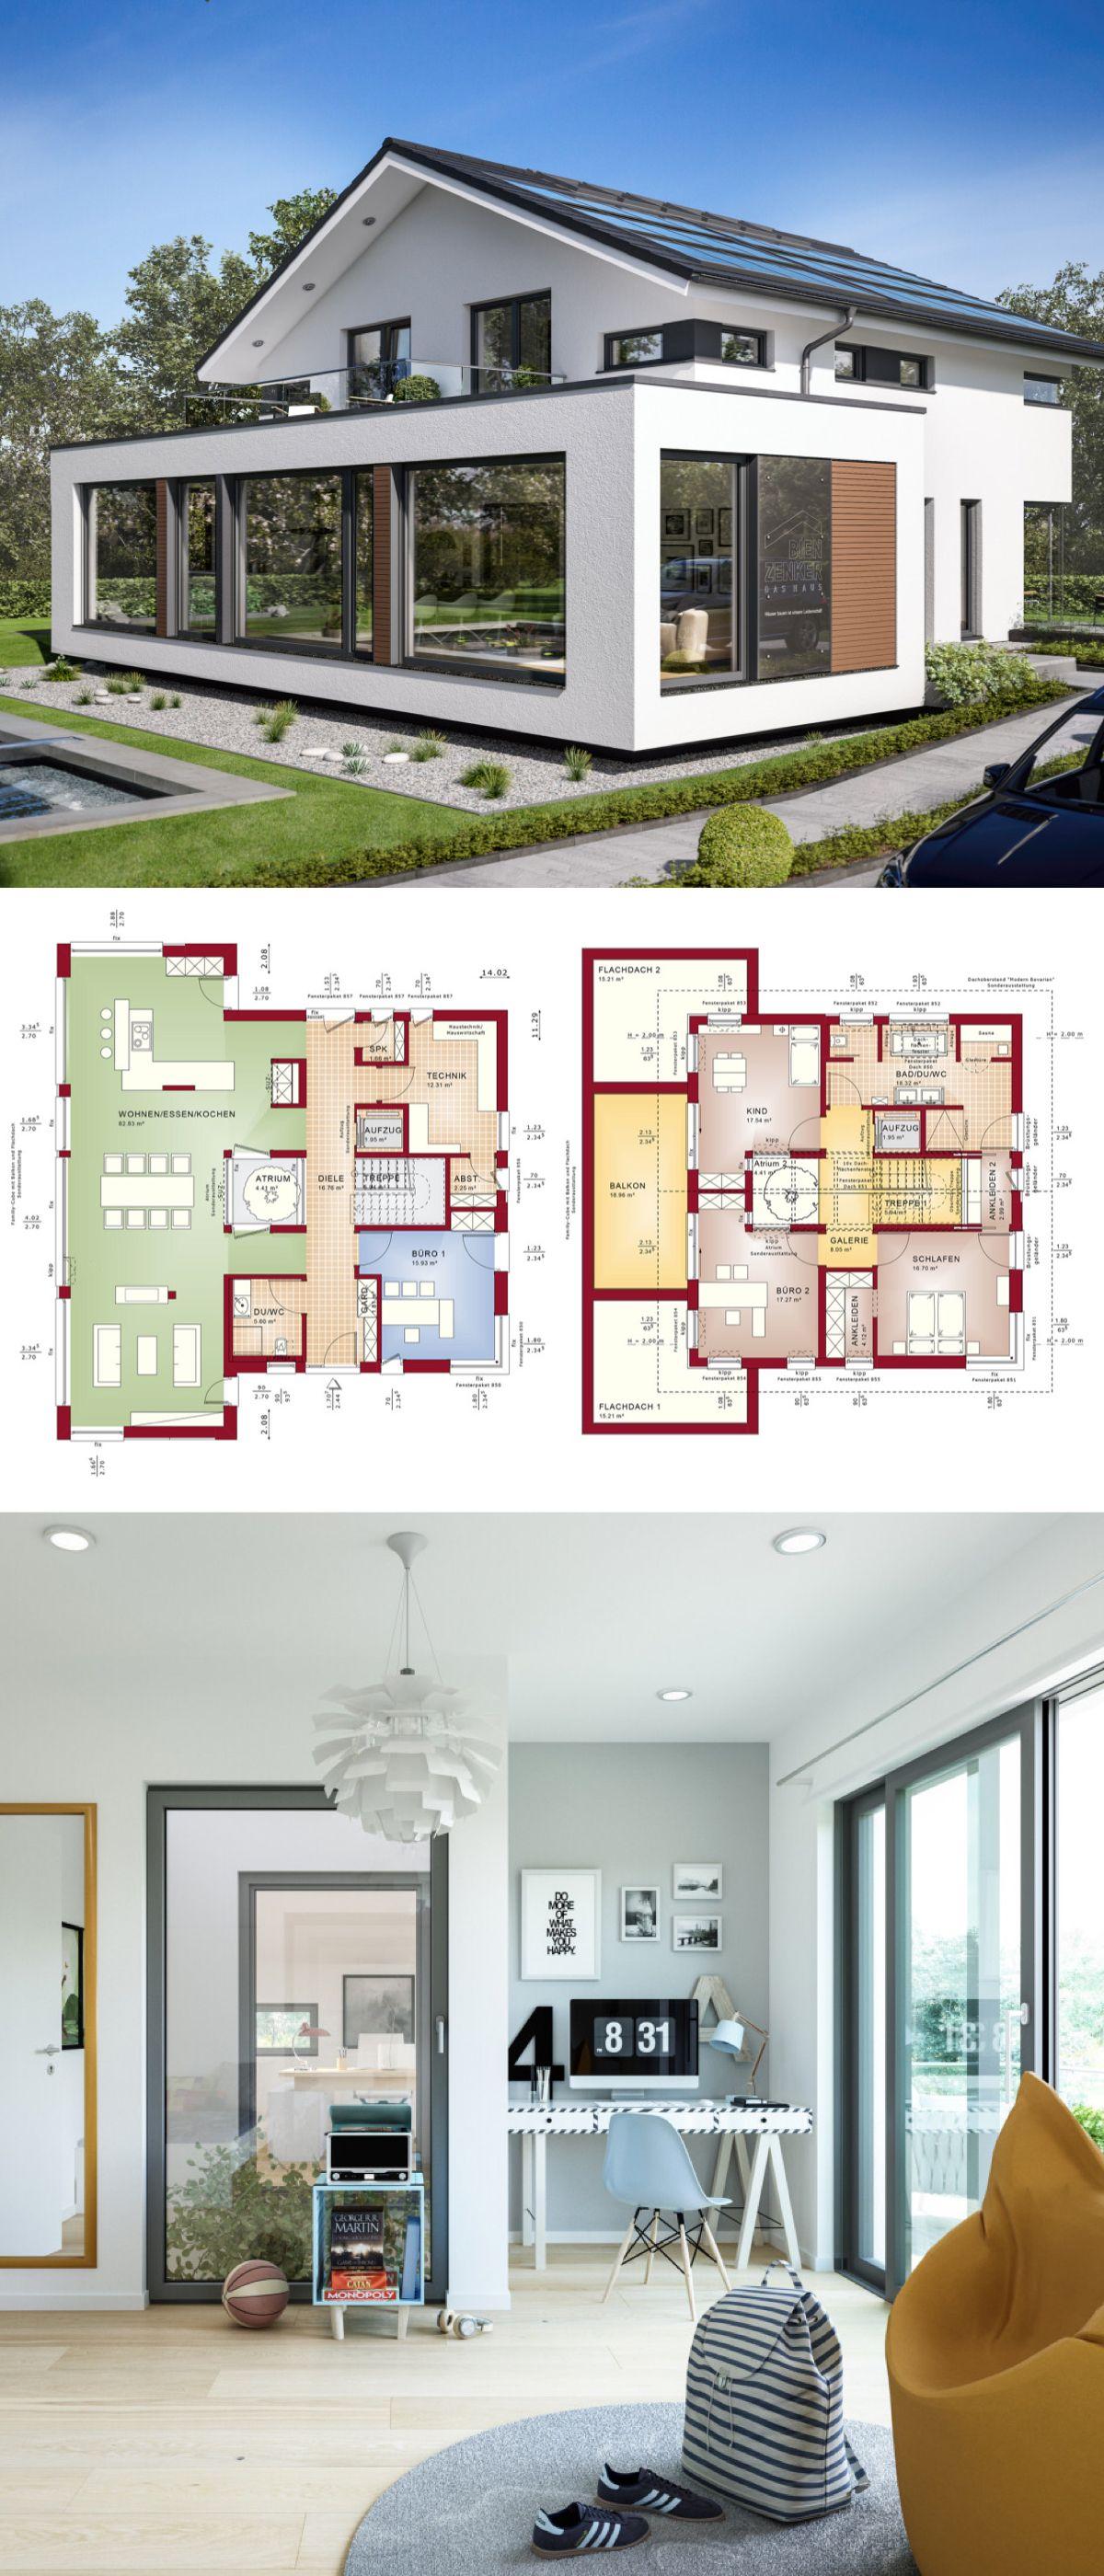 modernes einfamilienhaus neubau mit satteldach architektur & atrium